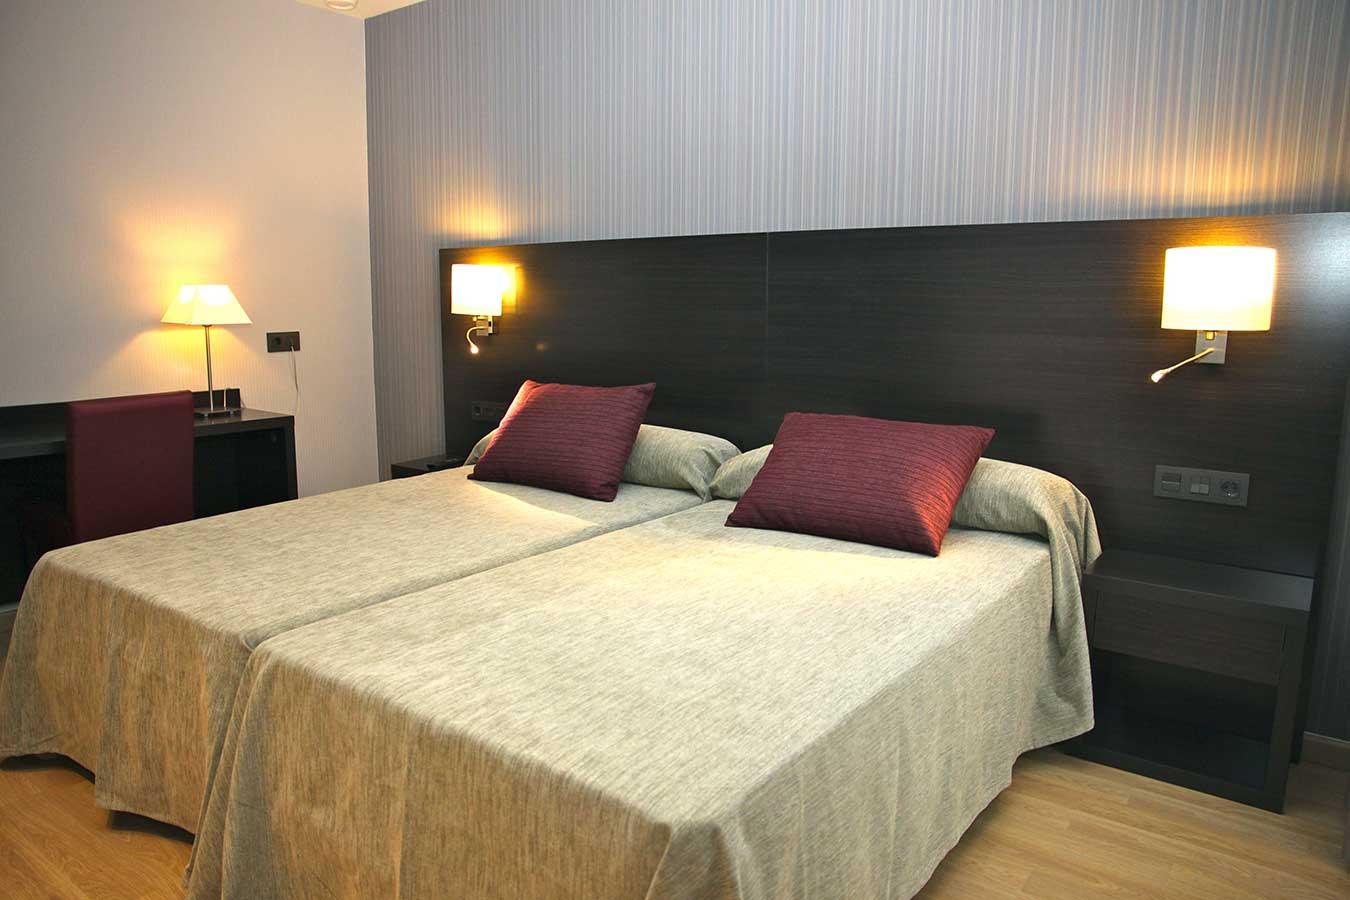 Habitación Doble Confort para 2 personas con 2 camas de 200 x 105 cm